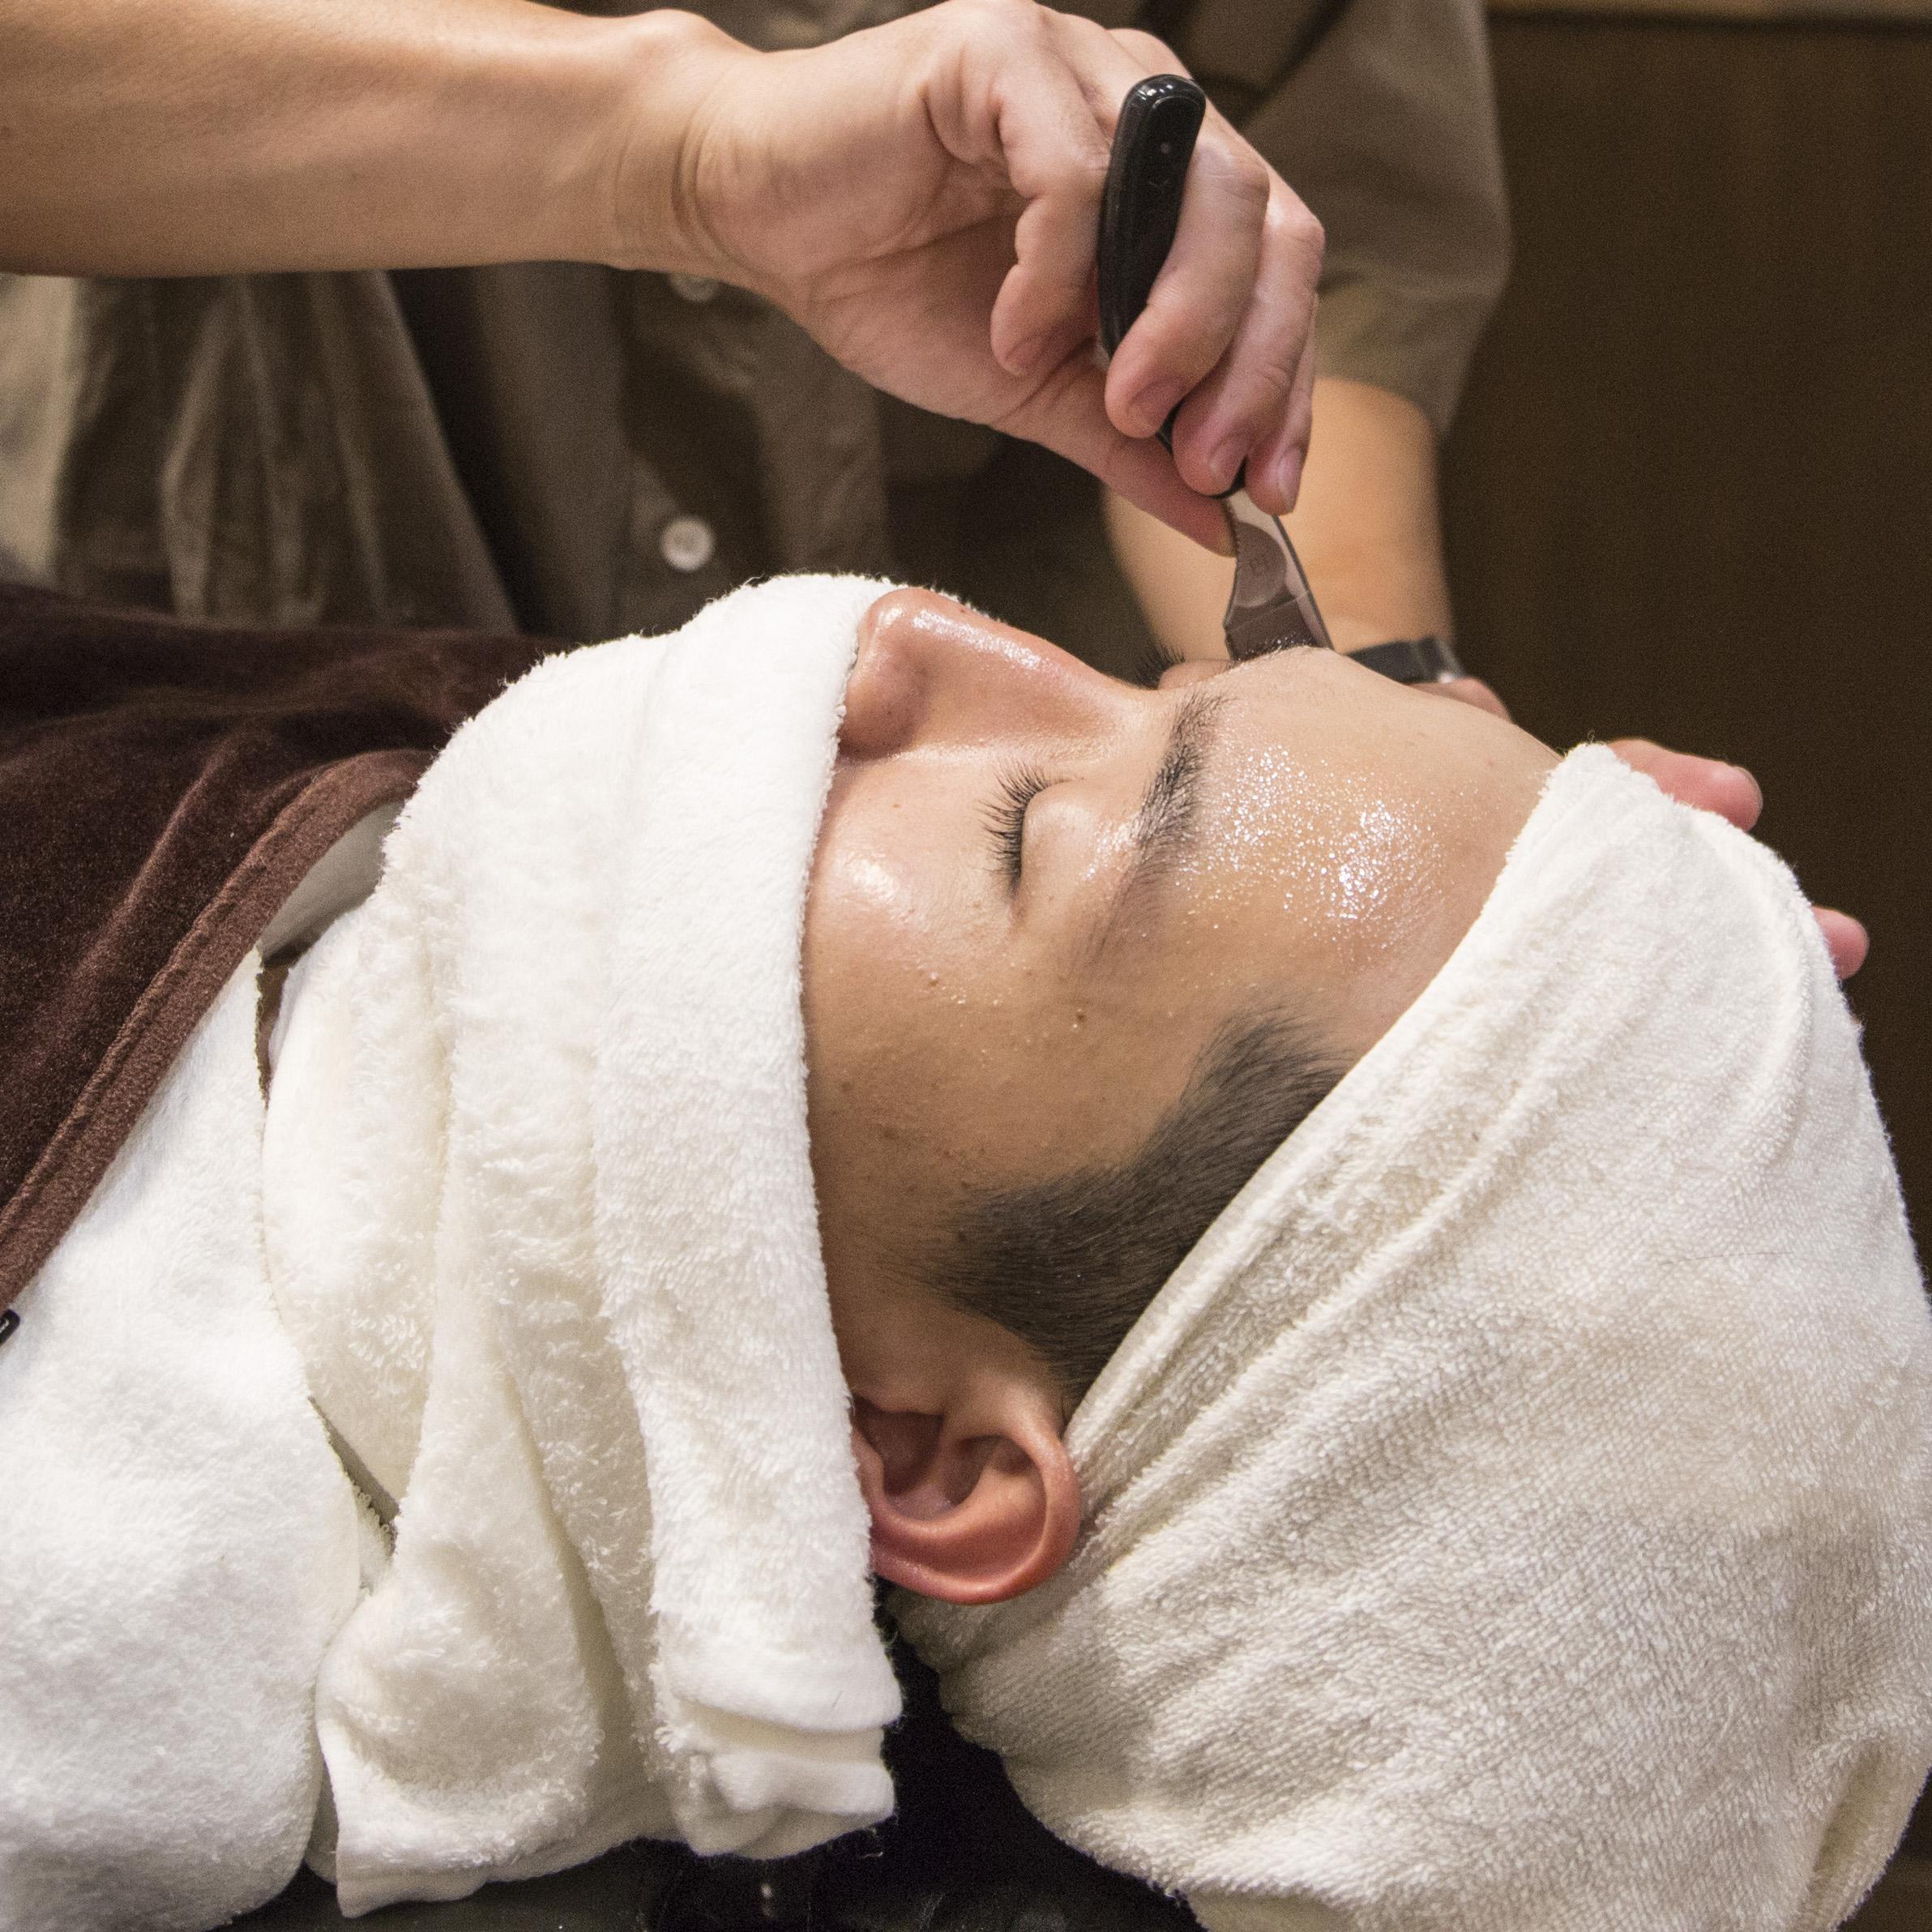 お肌と同じ弱酸性のシェービング剤と化粧品を使用しています